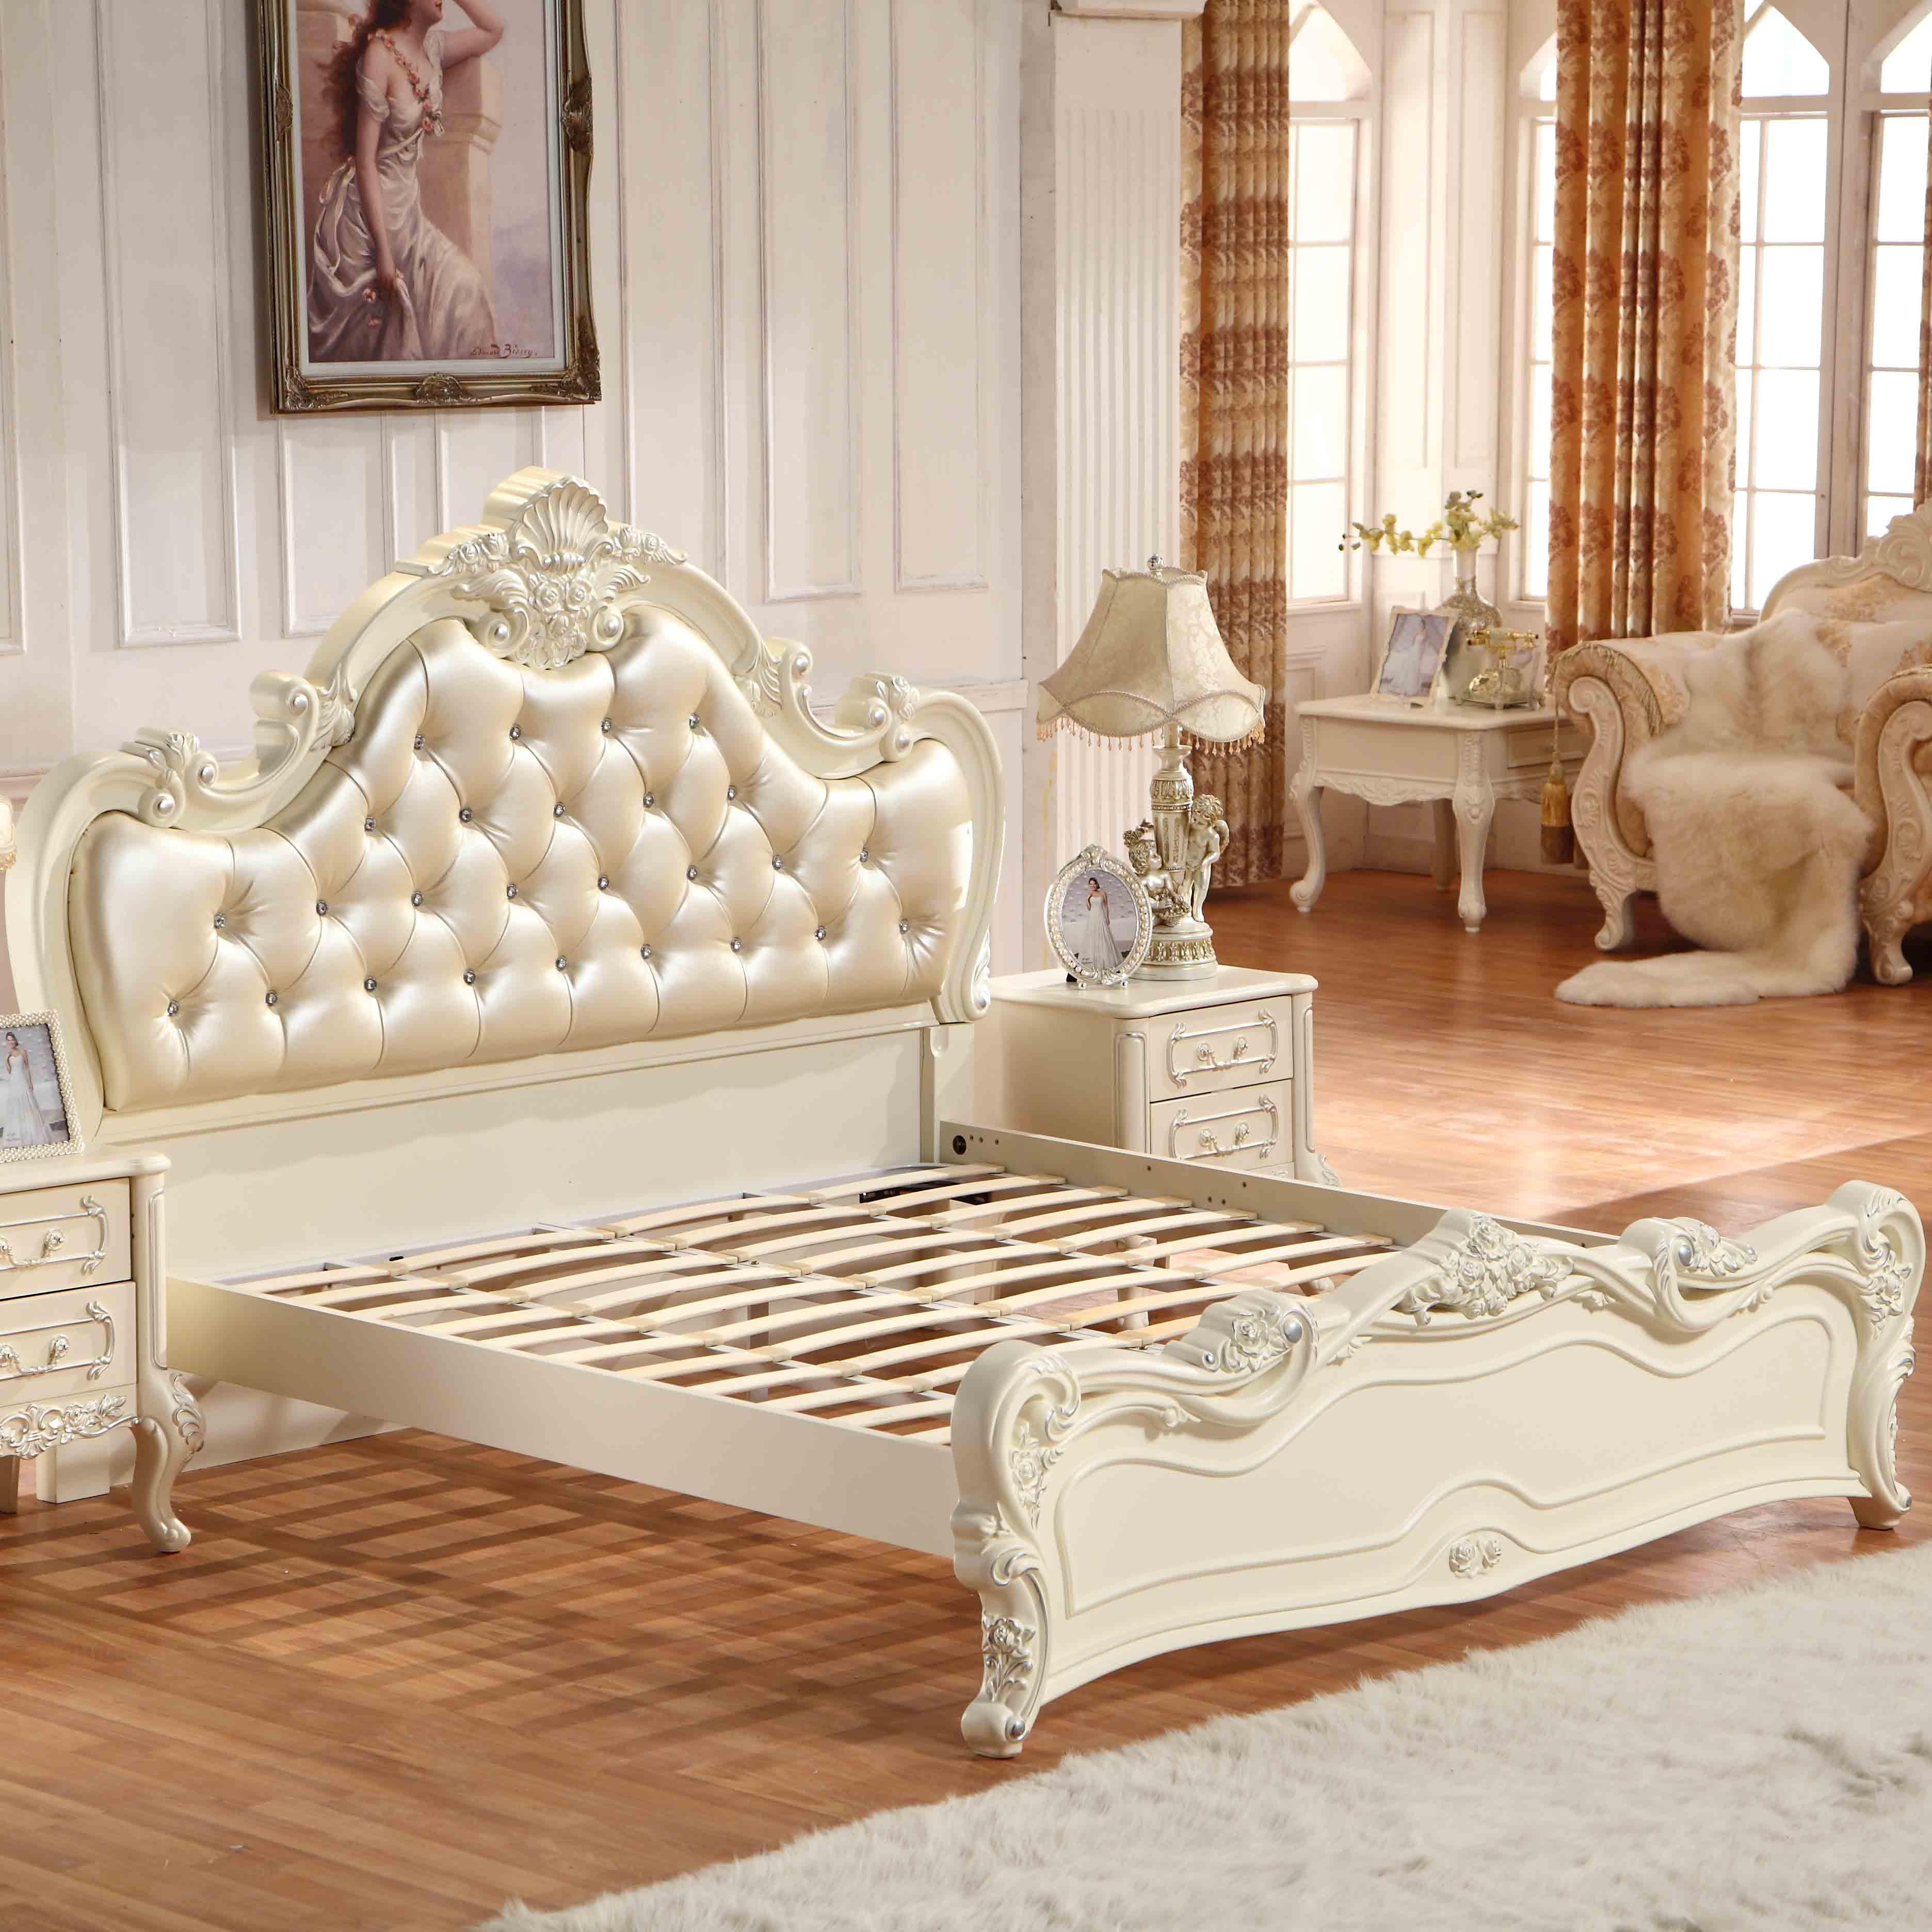 槿慕轩 橡木框架结构欧式雕刻 床